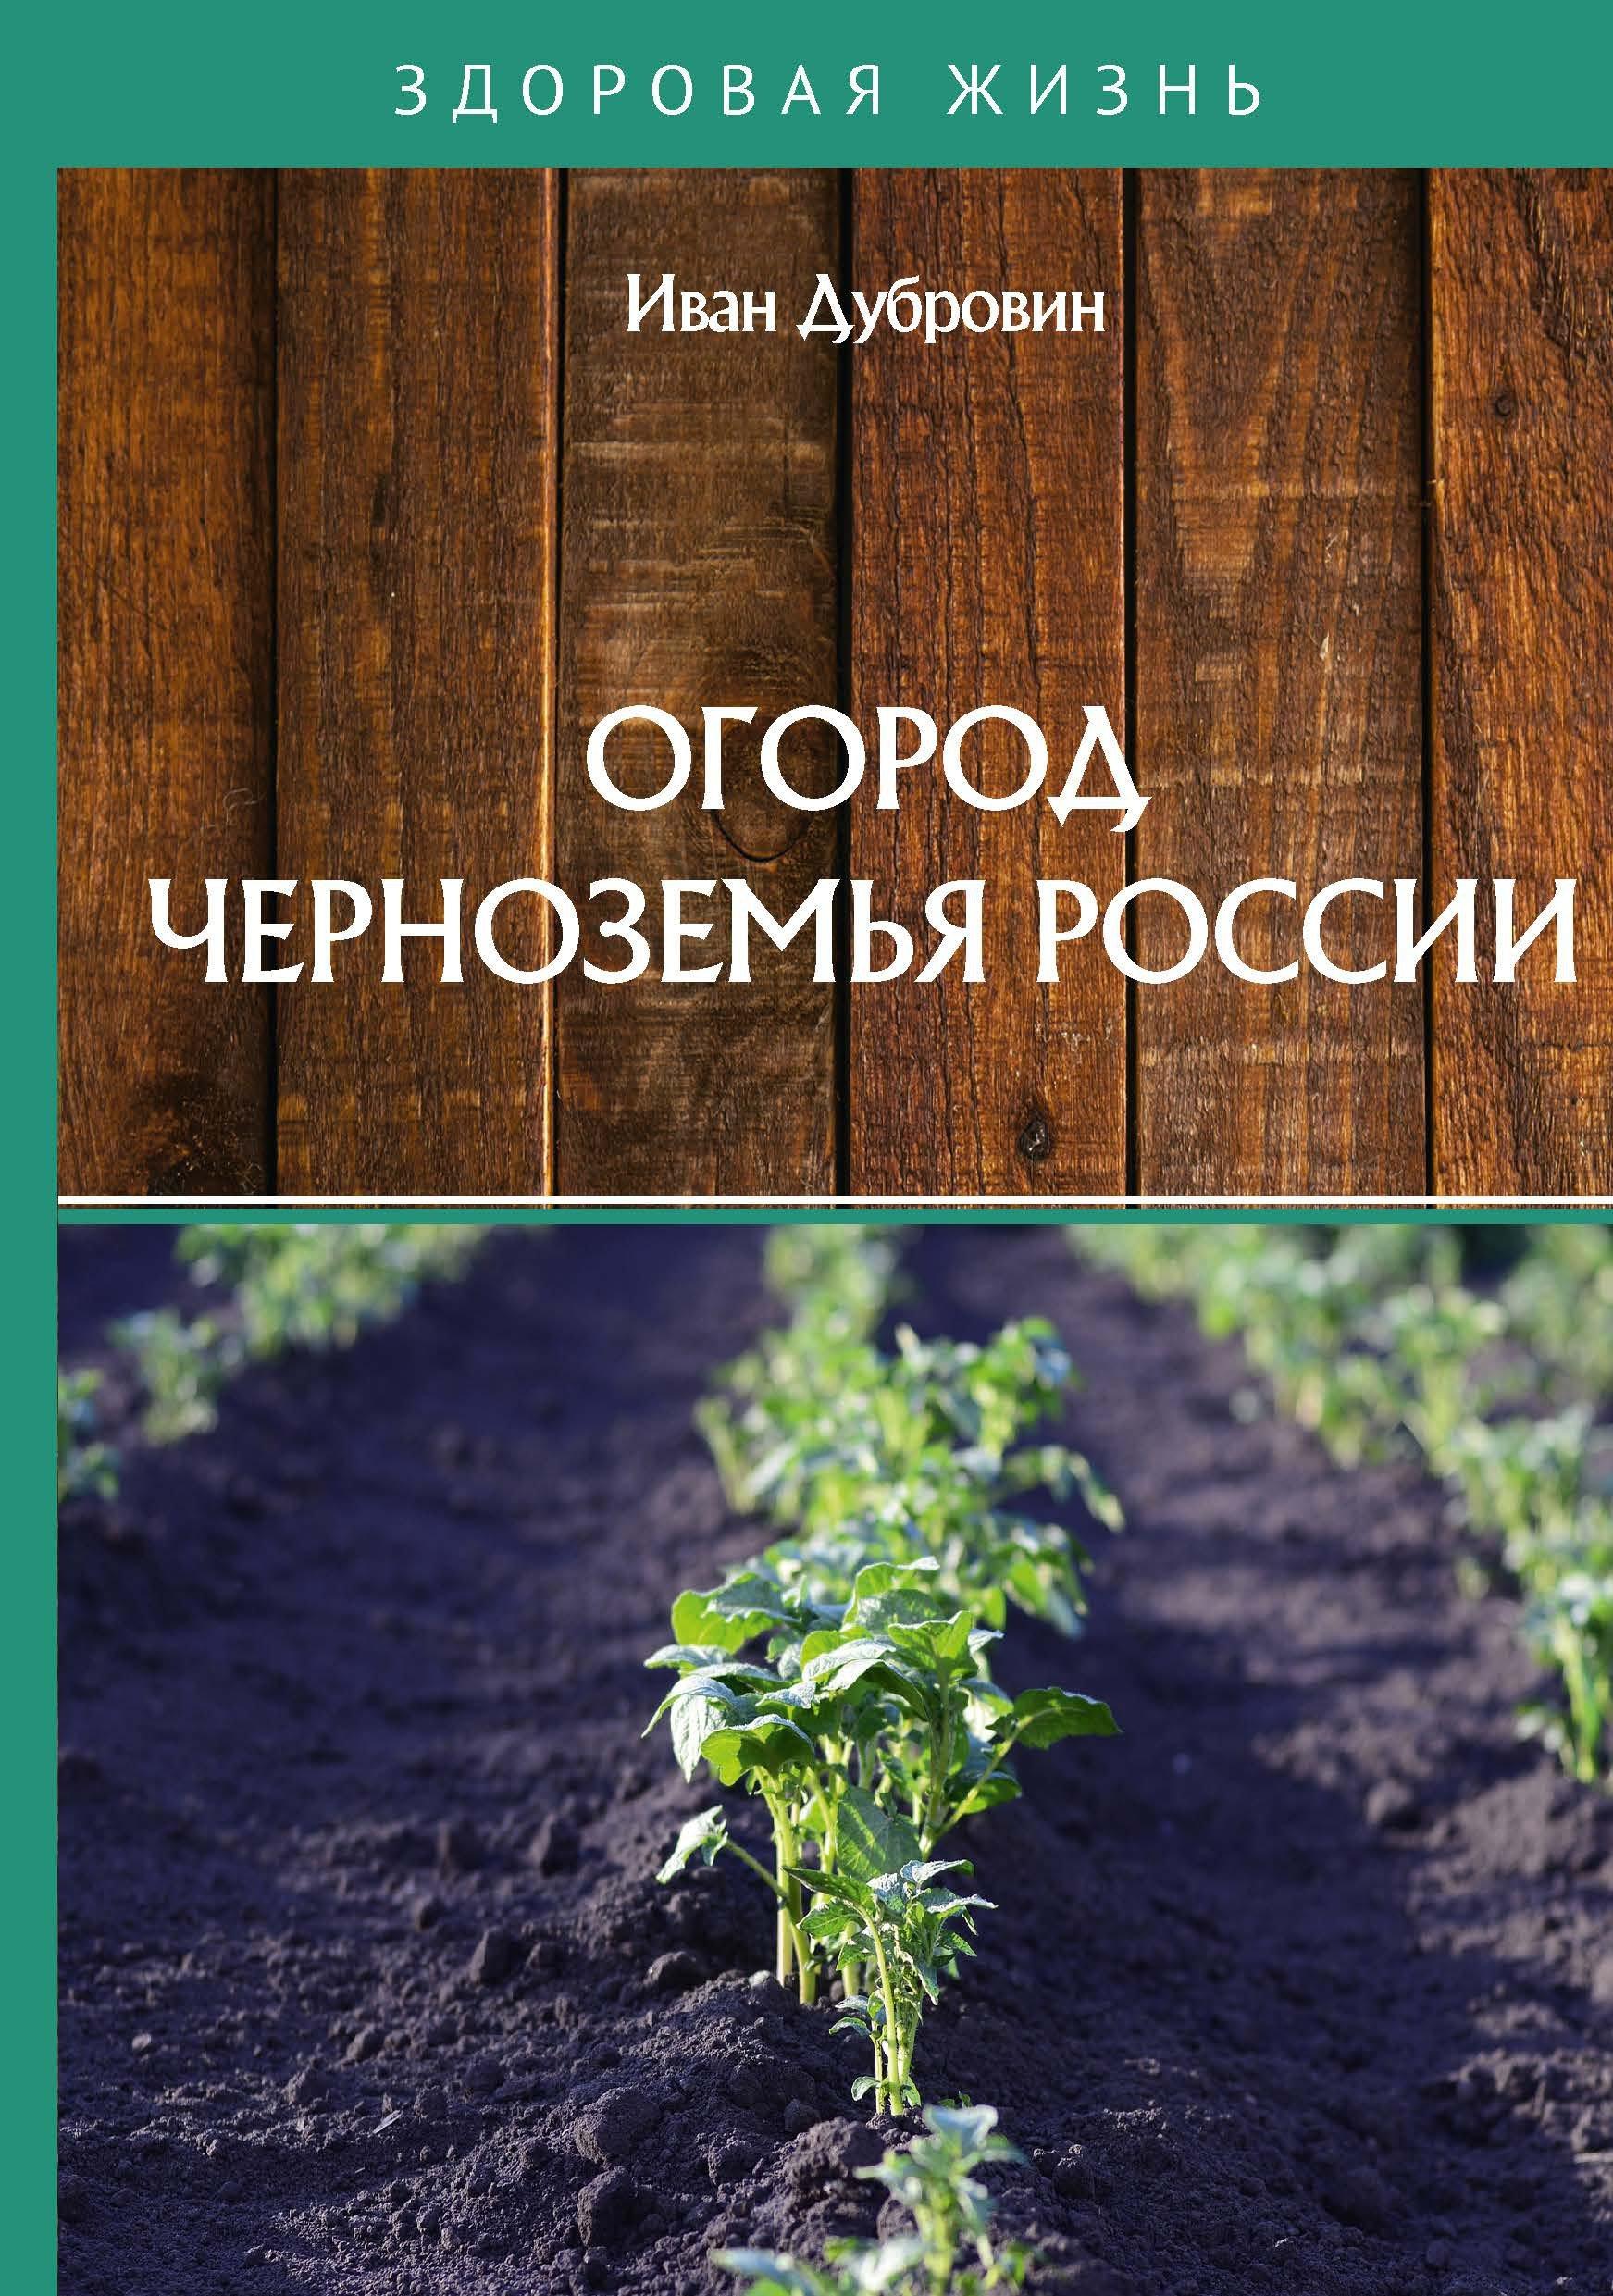 Дубровин Иван Ильич Огород Черноземья России дубровин иван ильич огород севера